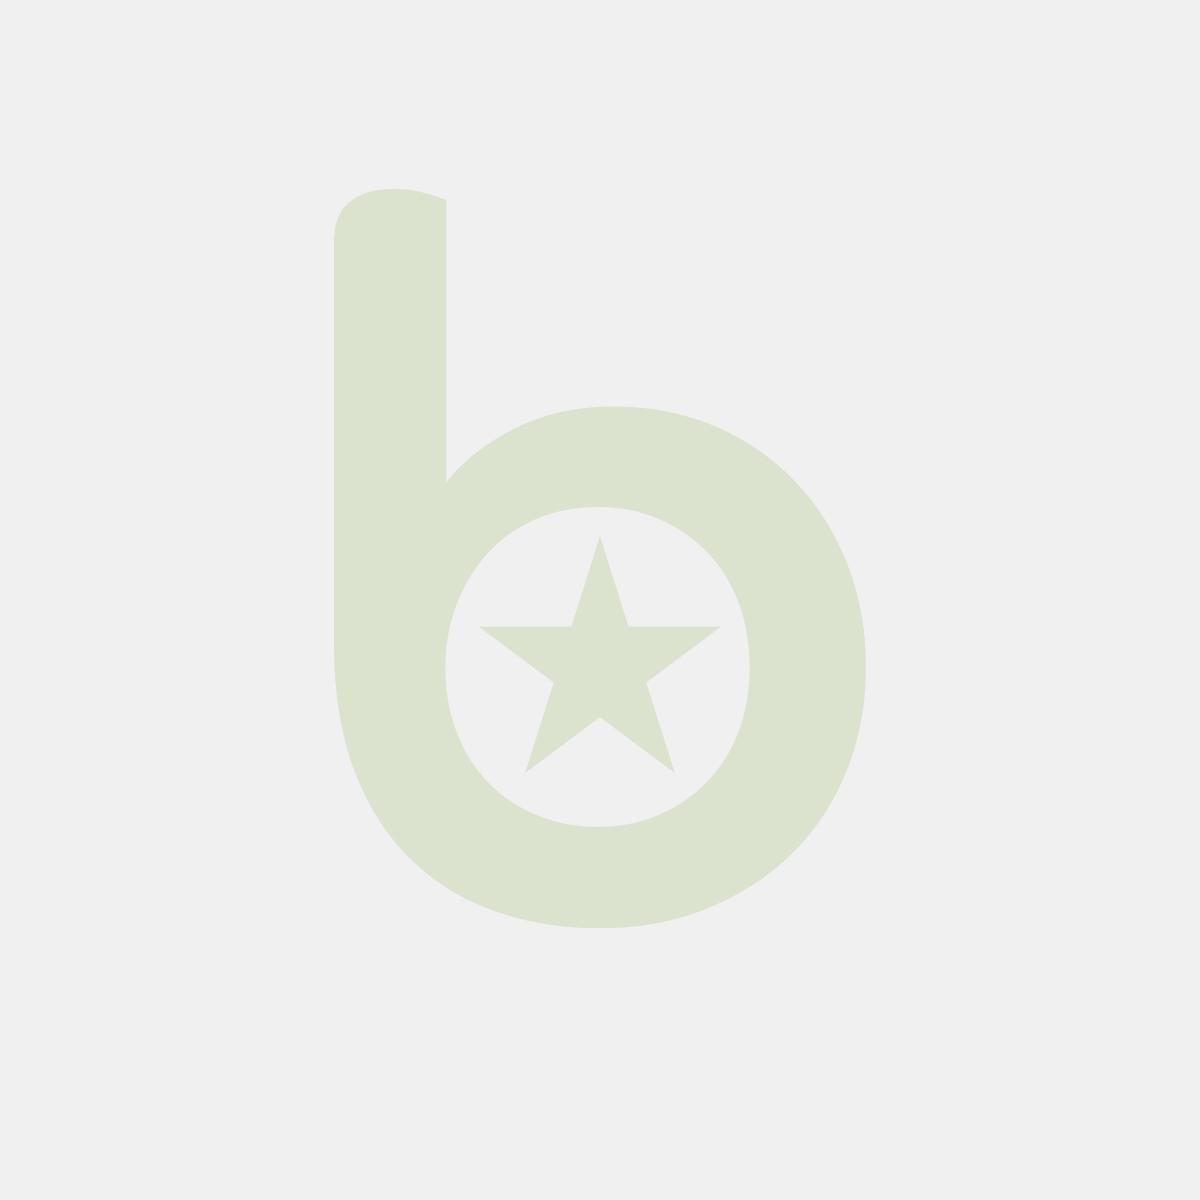 Myszka komputerowa KENSINGTON Pro Fit™ Mid-Size, bezprzewodowa, zielona